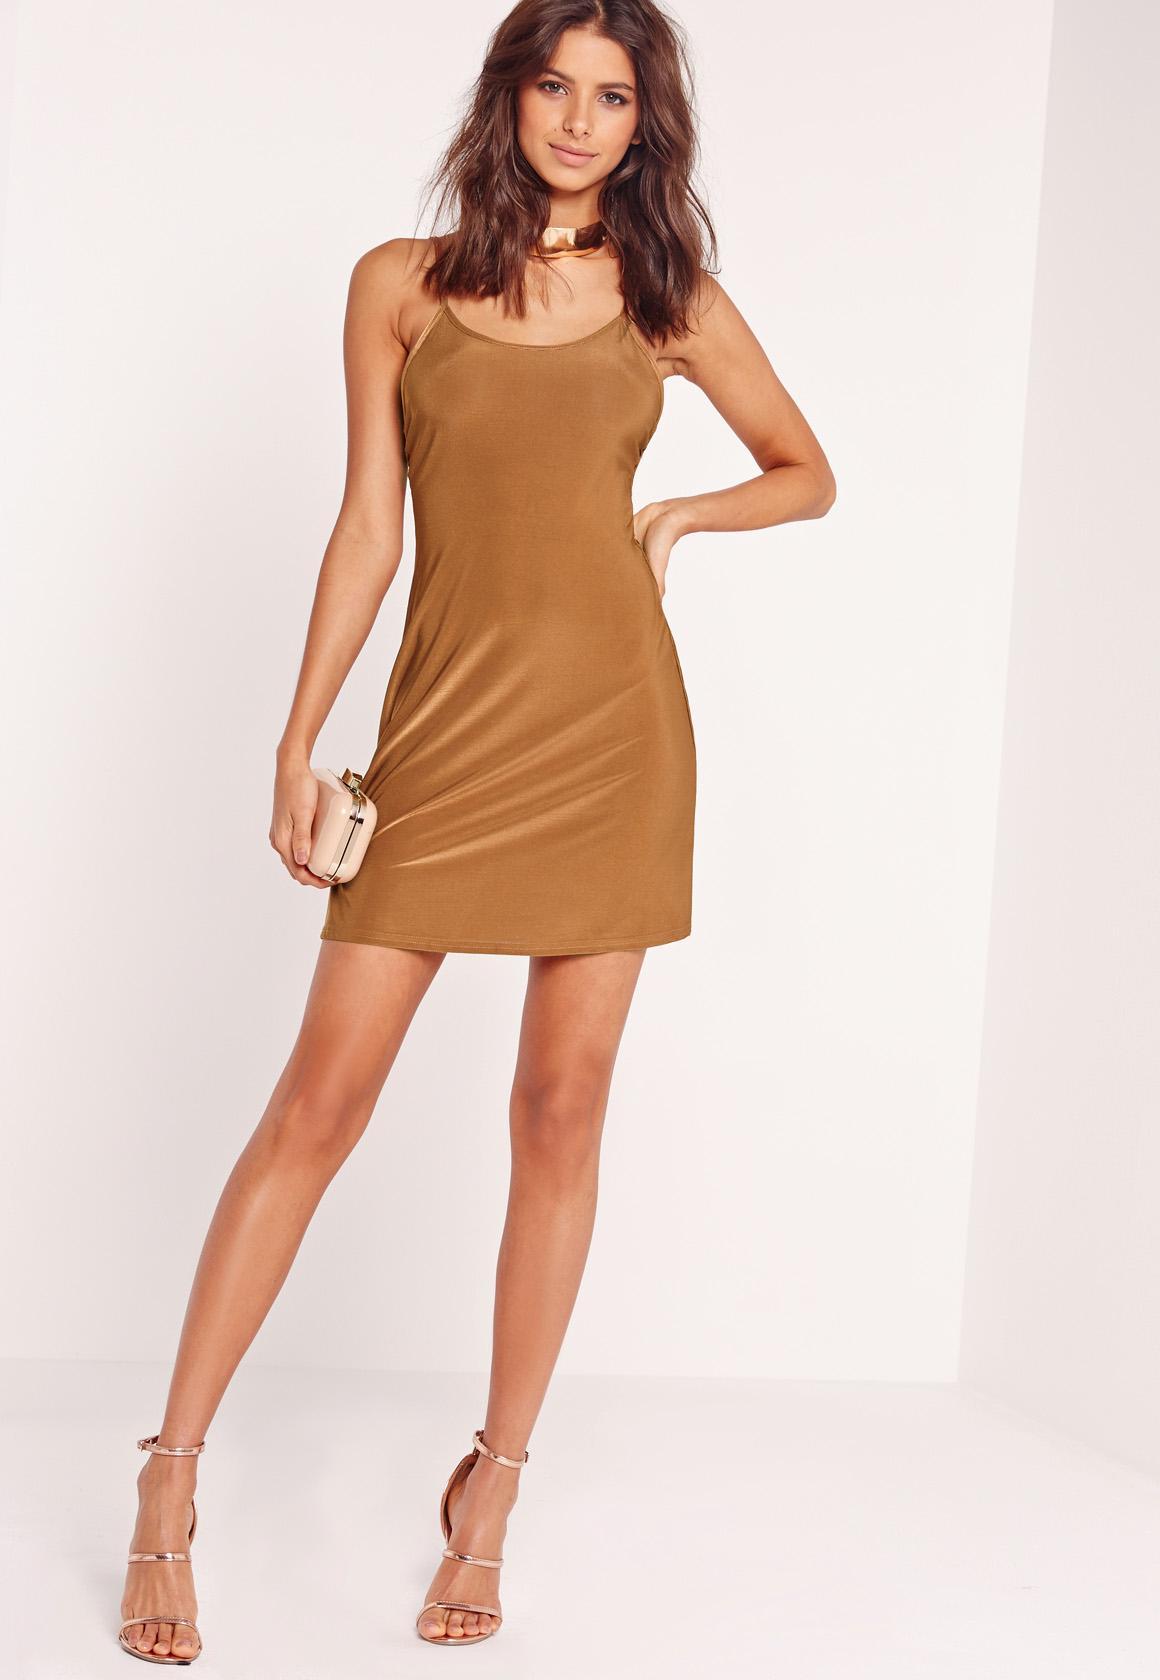 Strappy Slinky Skater Dress Brown